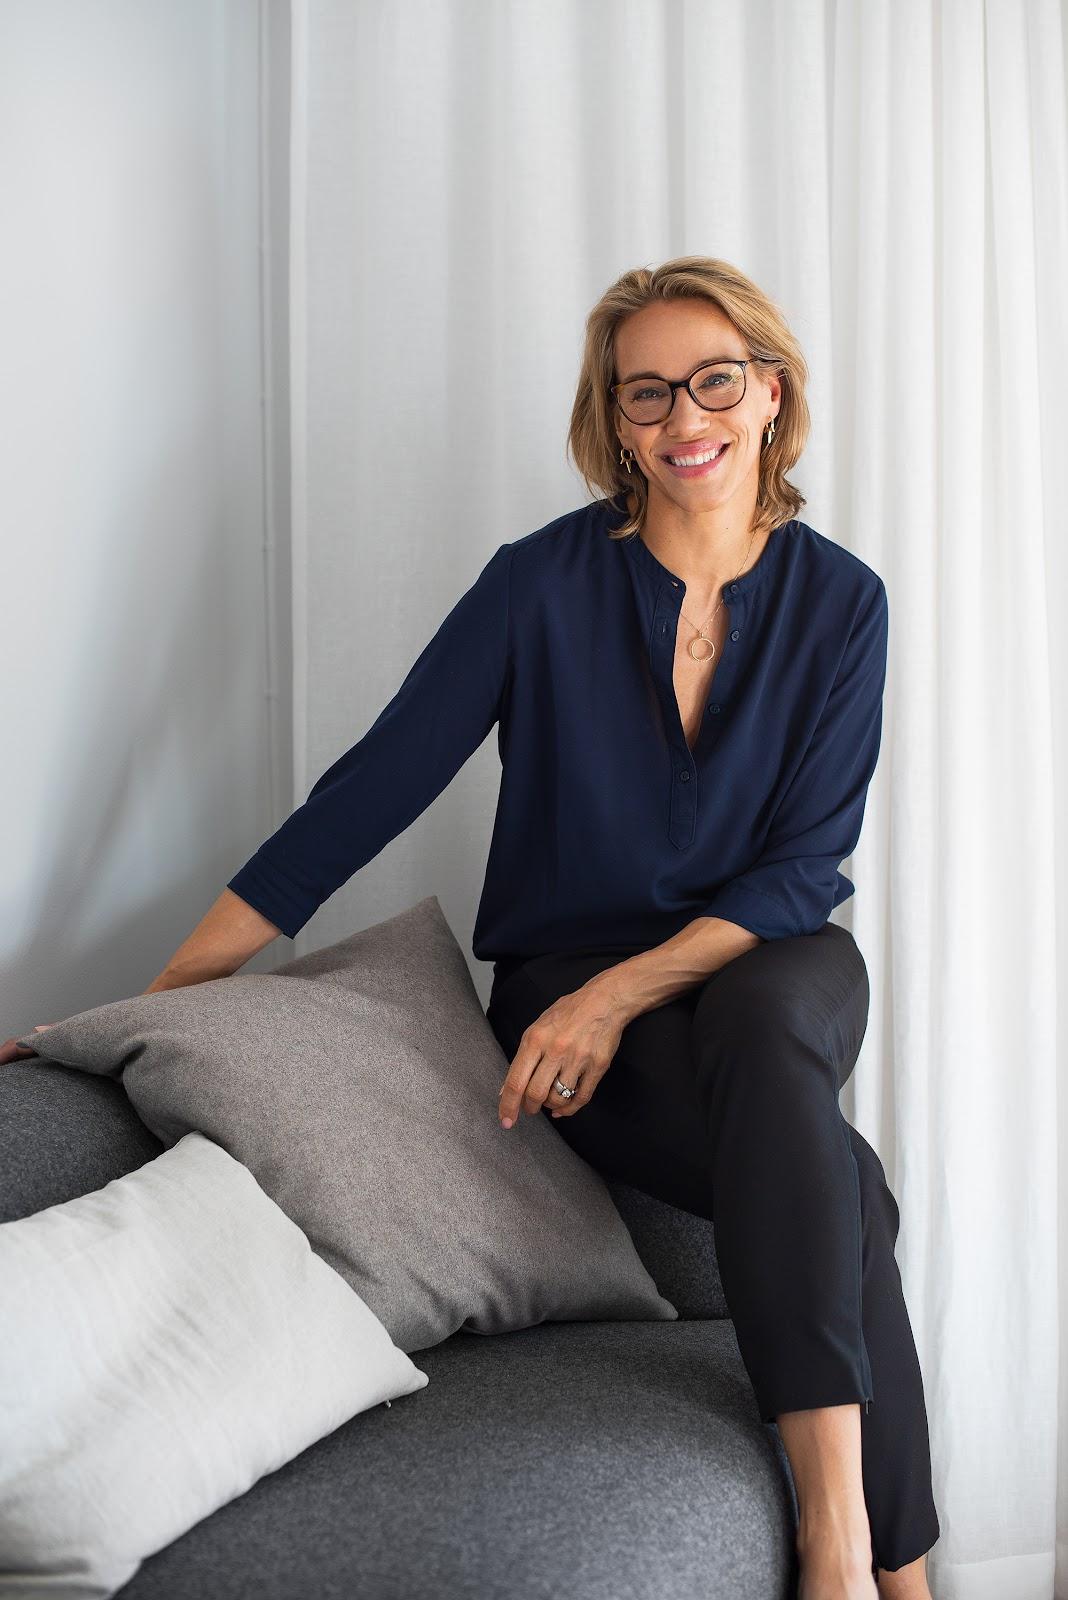 Emma S. Wiklund gör hudvårdsprodukter för under 1000 kronor.